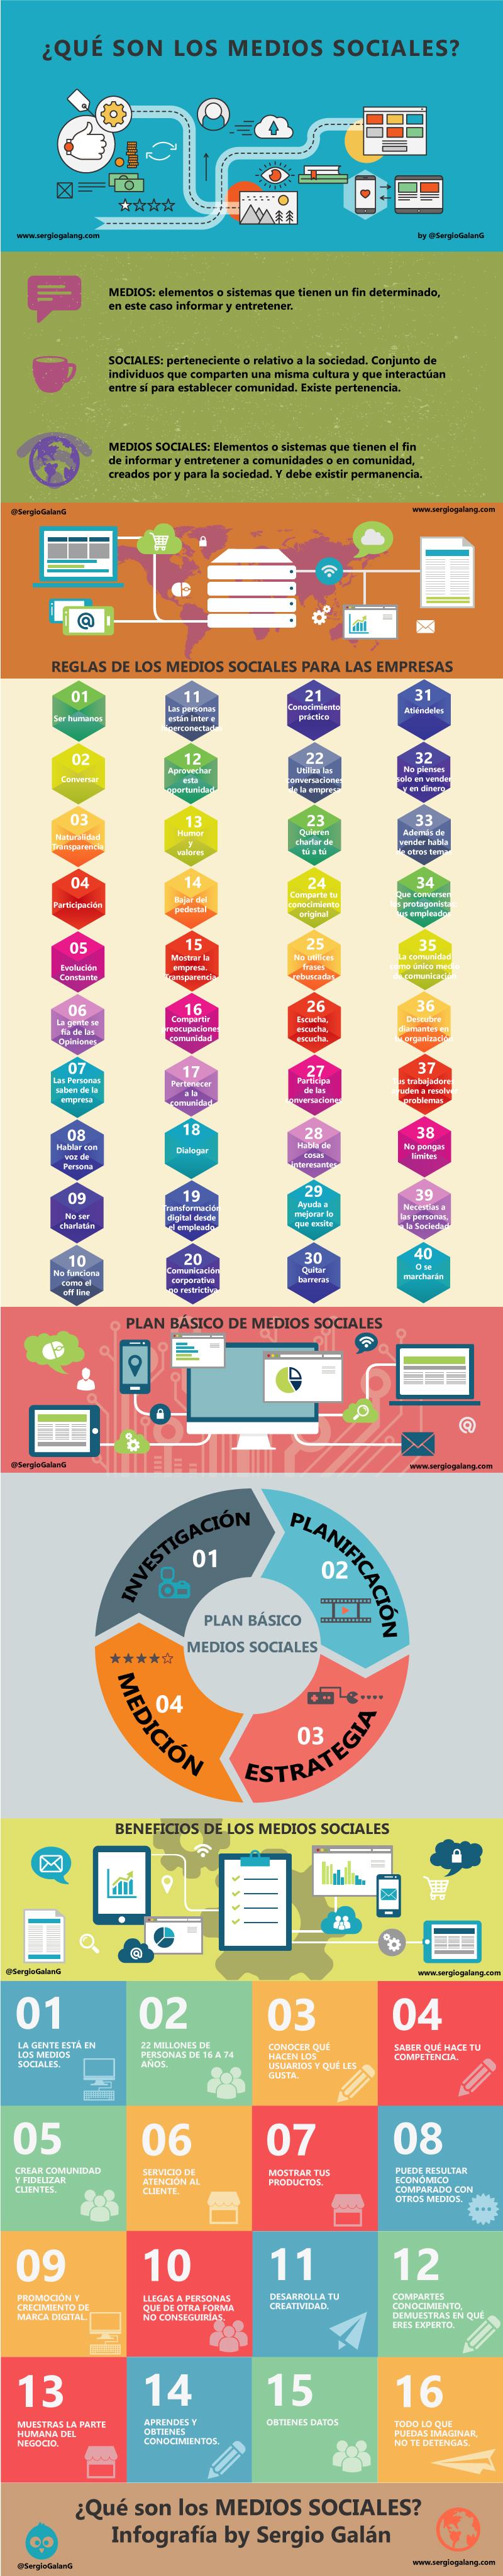 Qué son los Medios Sociales